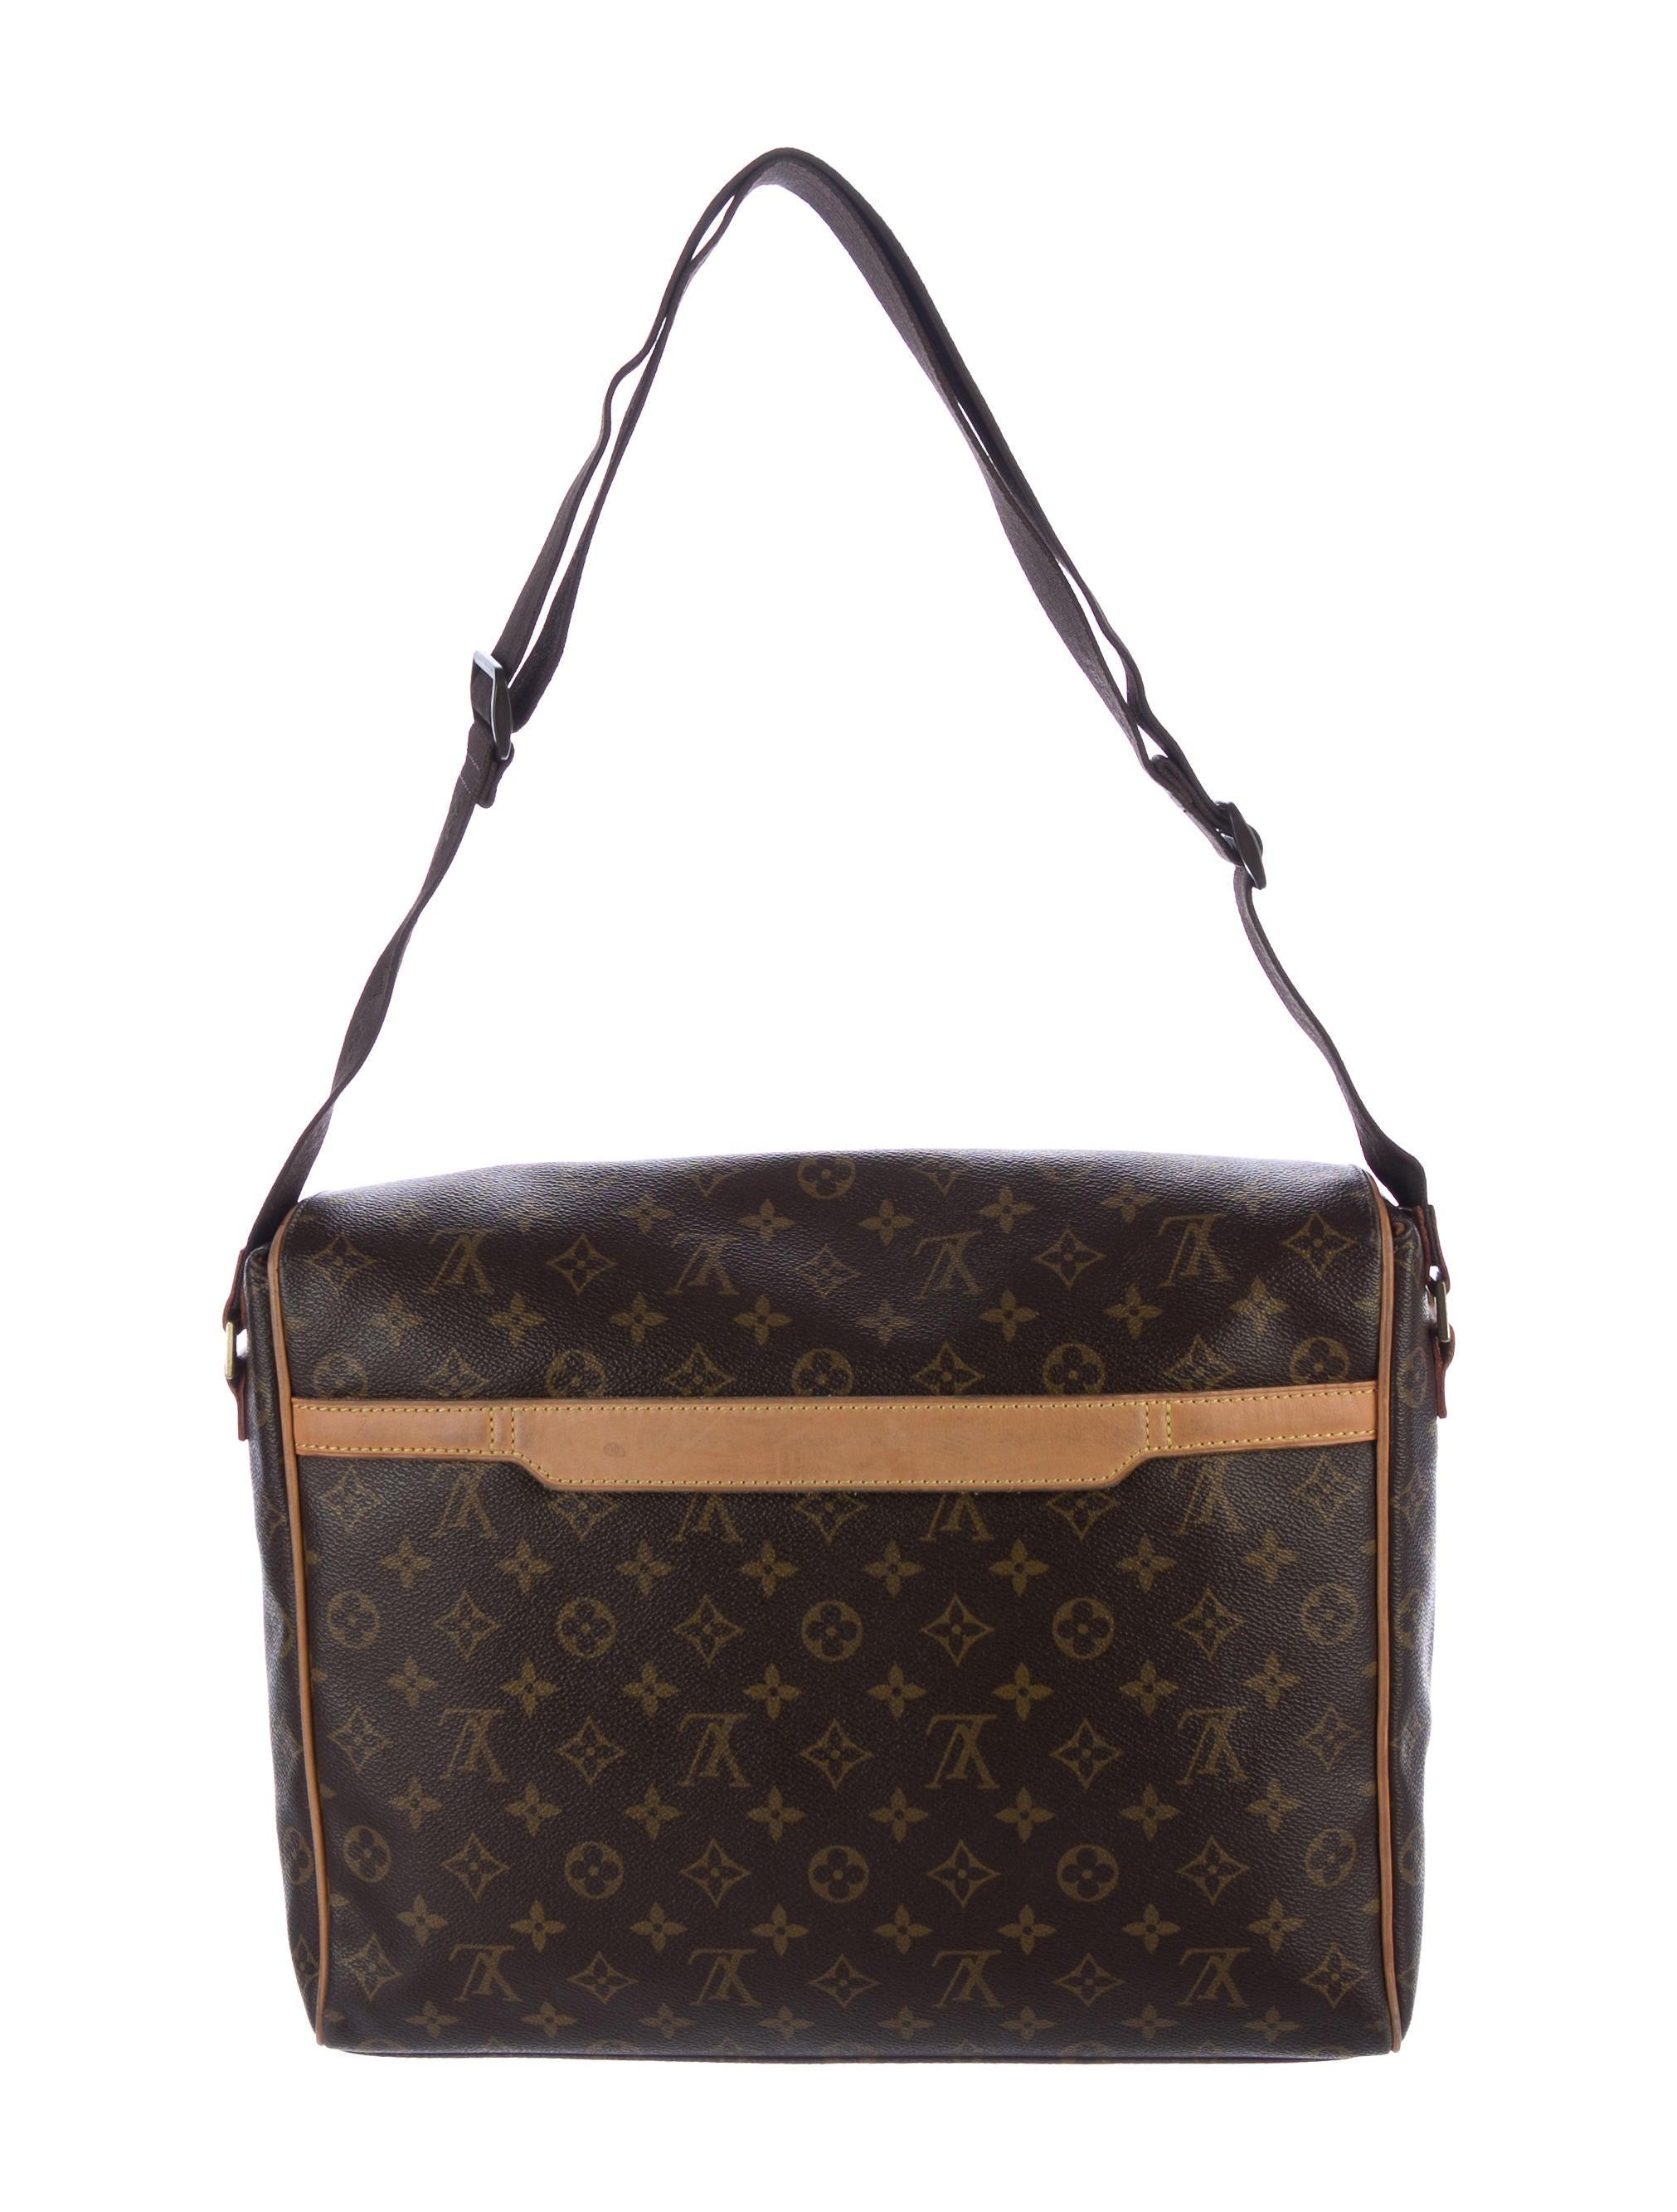 205c9434dde1 Louis Vuitton Valmy Messenger MM Bag - Bags - LOU136210